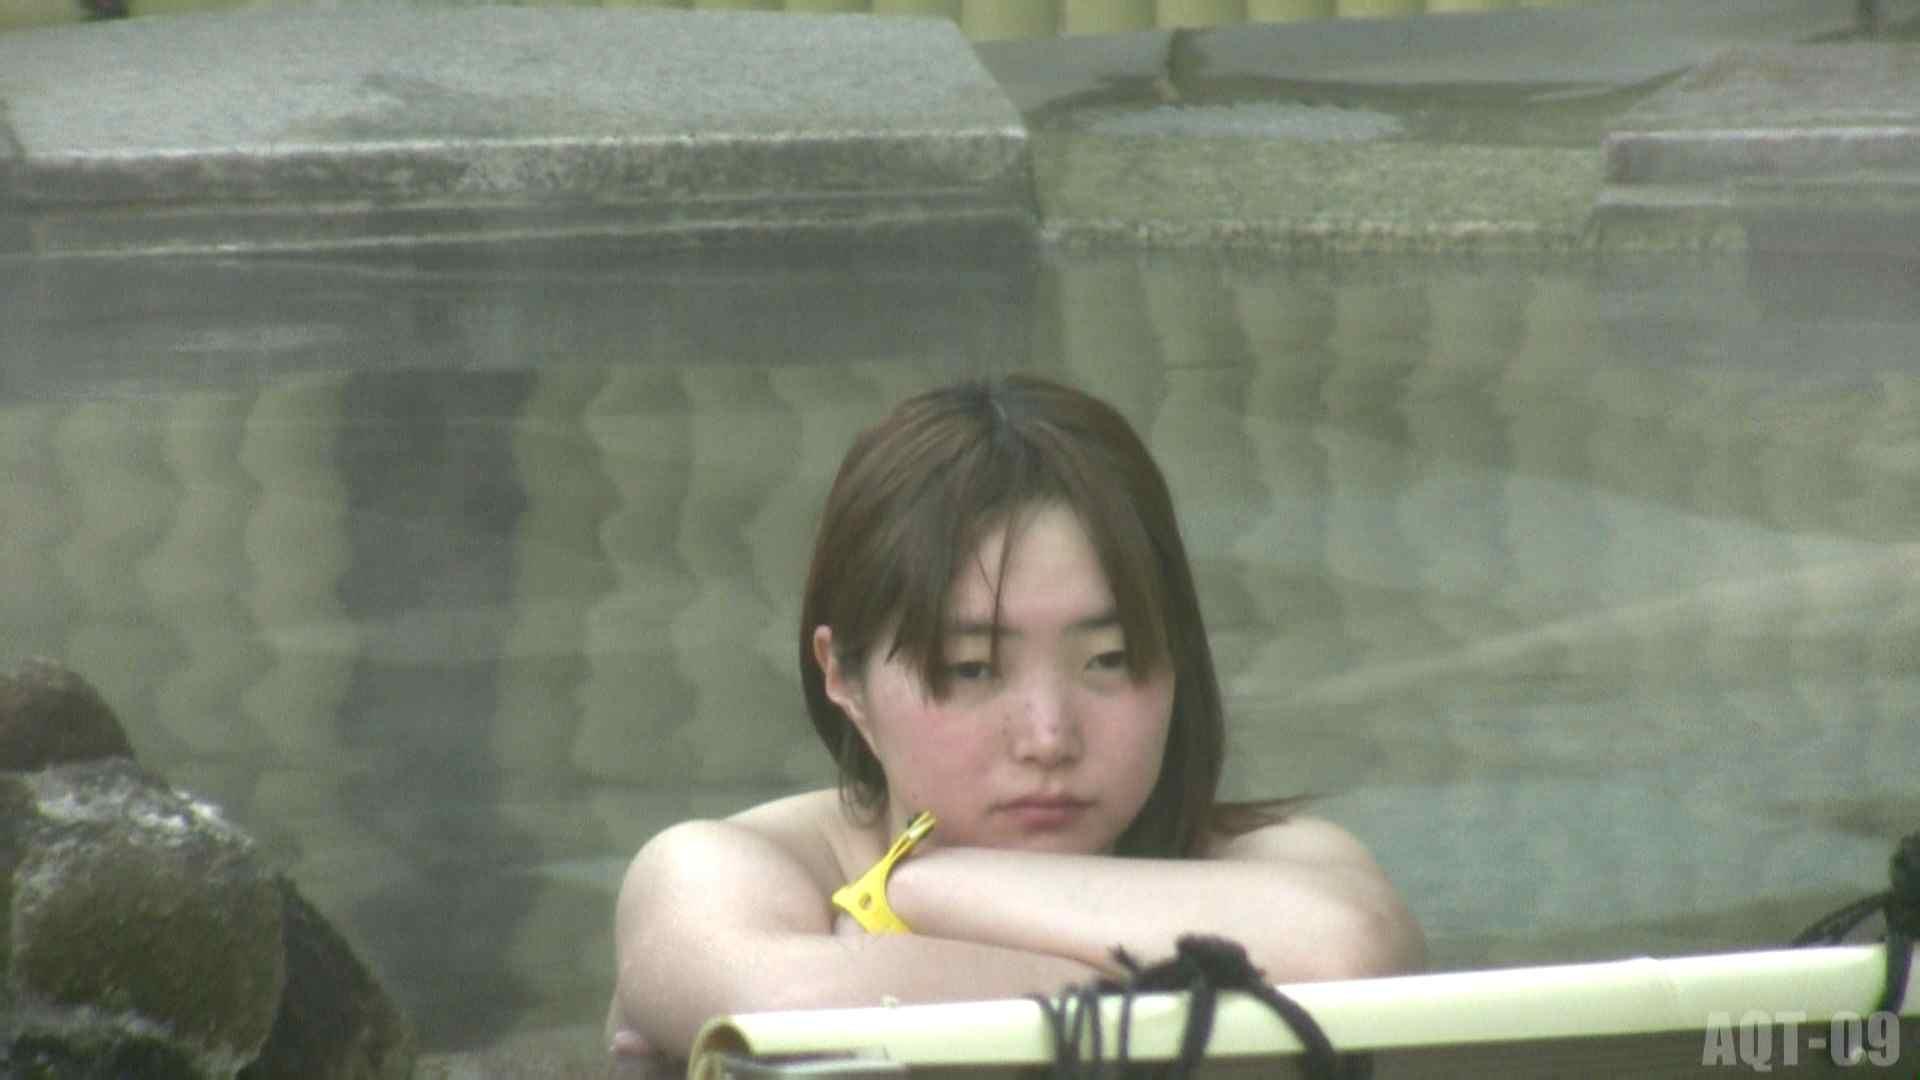 Aquaな露天風呂Vol.781 盗撮  110画像 84